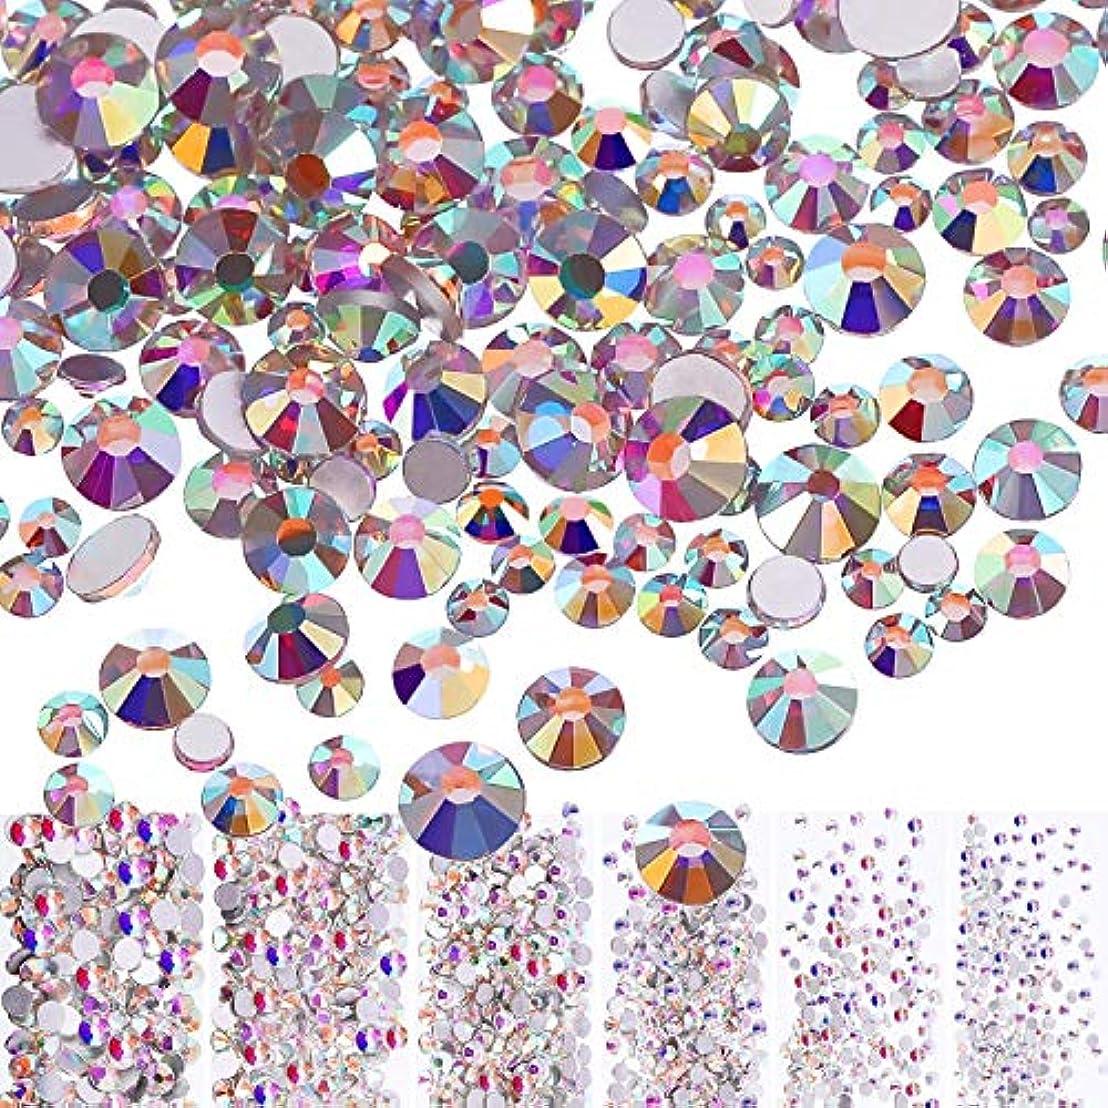 地元青写真座標Mojoe 3168個ネイルクリスタルAbネイルアートラインストーンラウンドバックガラスチャーム宝石石、6サイズネイル用装飾化粧服靴(、混合Ss4 5 6 8 10 12)(クリスタルAb)